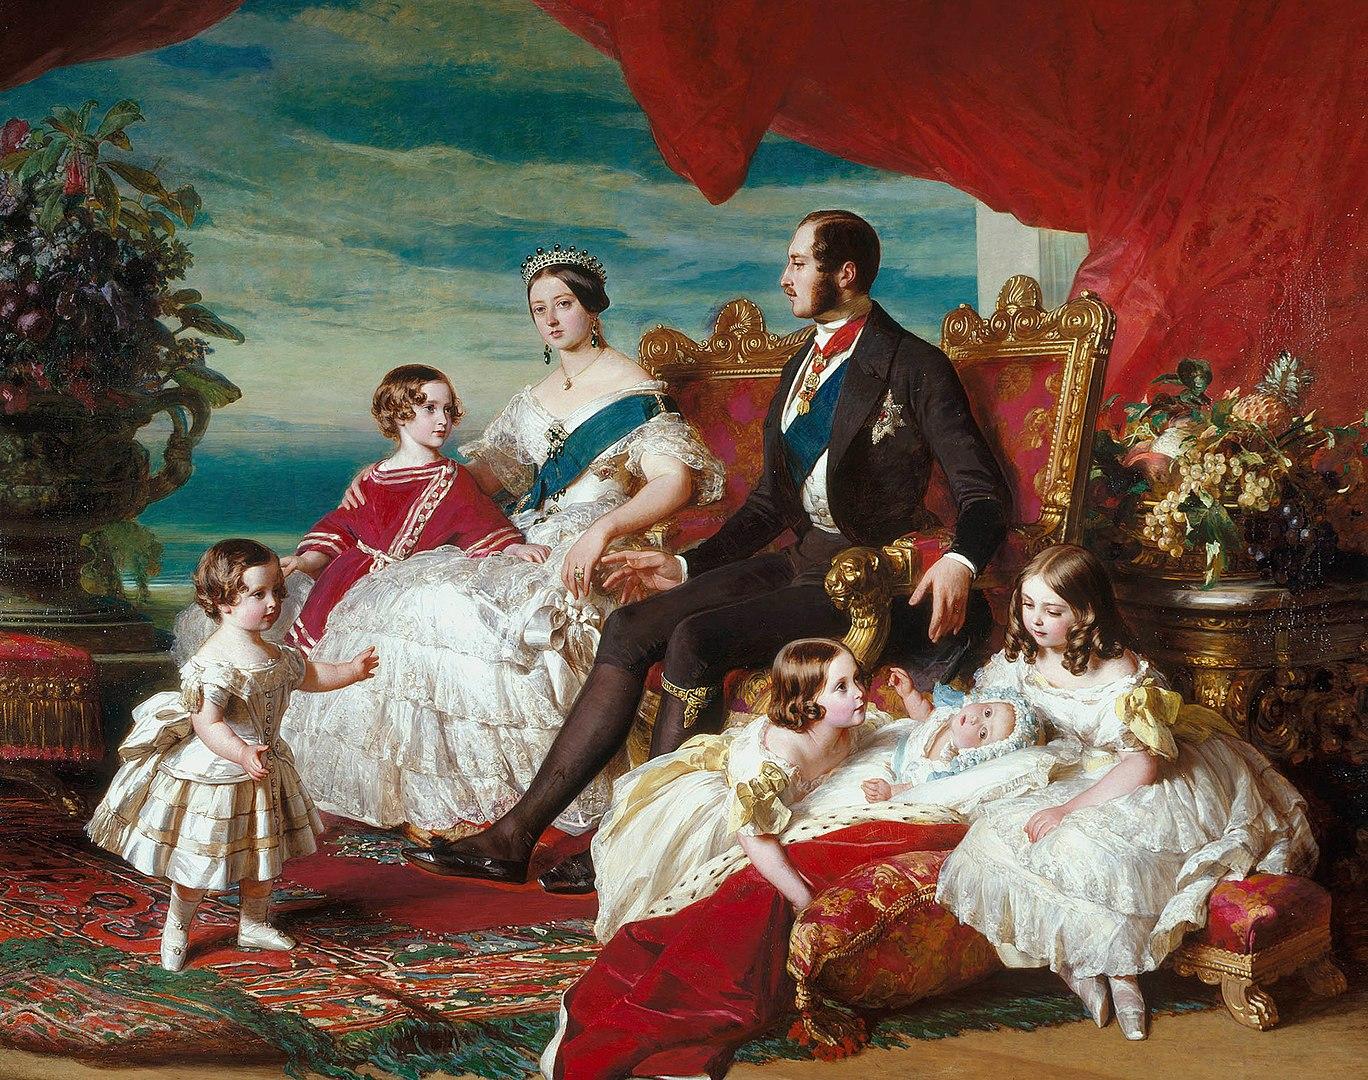 המלכה ויקטוריה, הנסיך אלברט